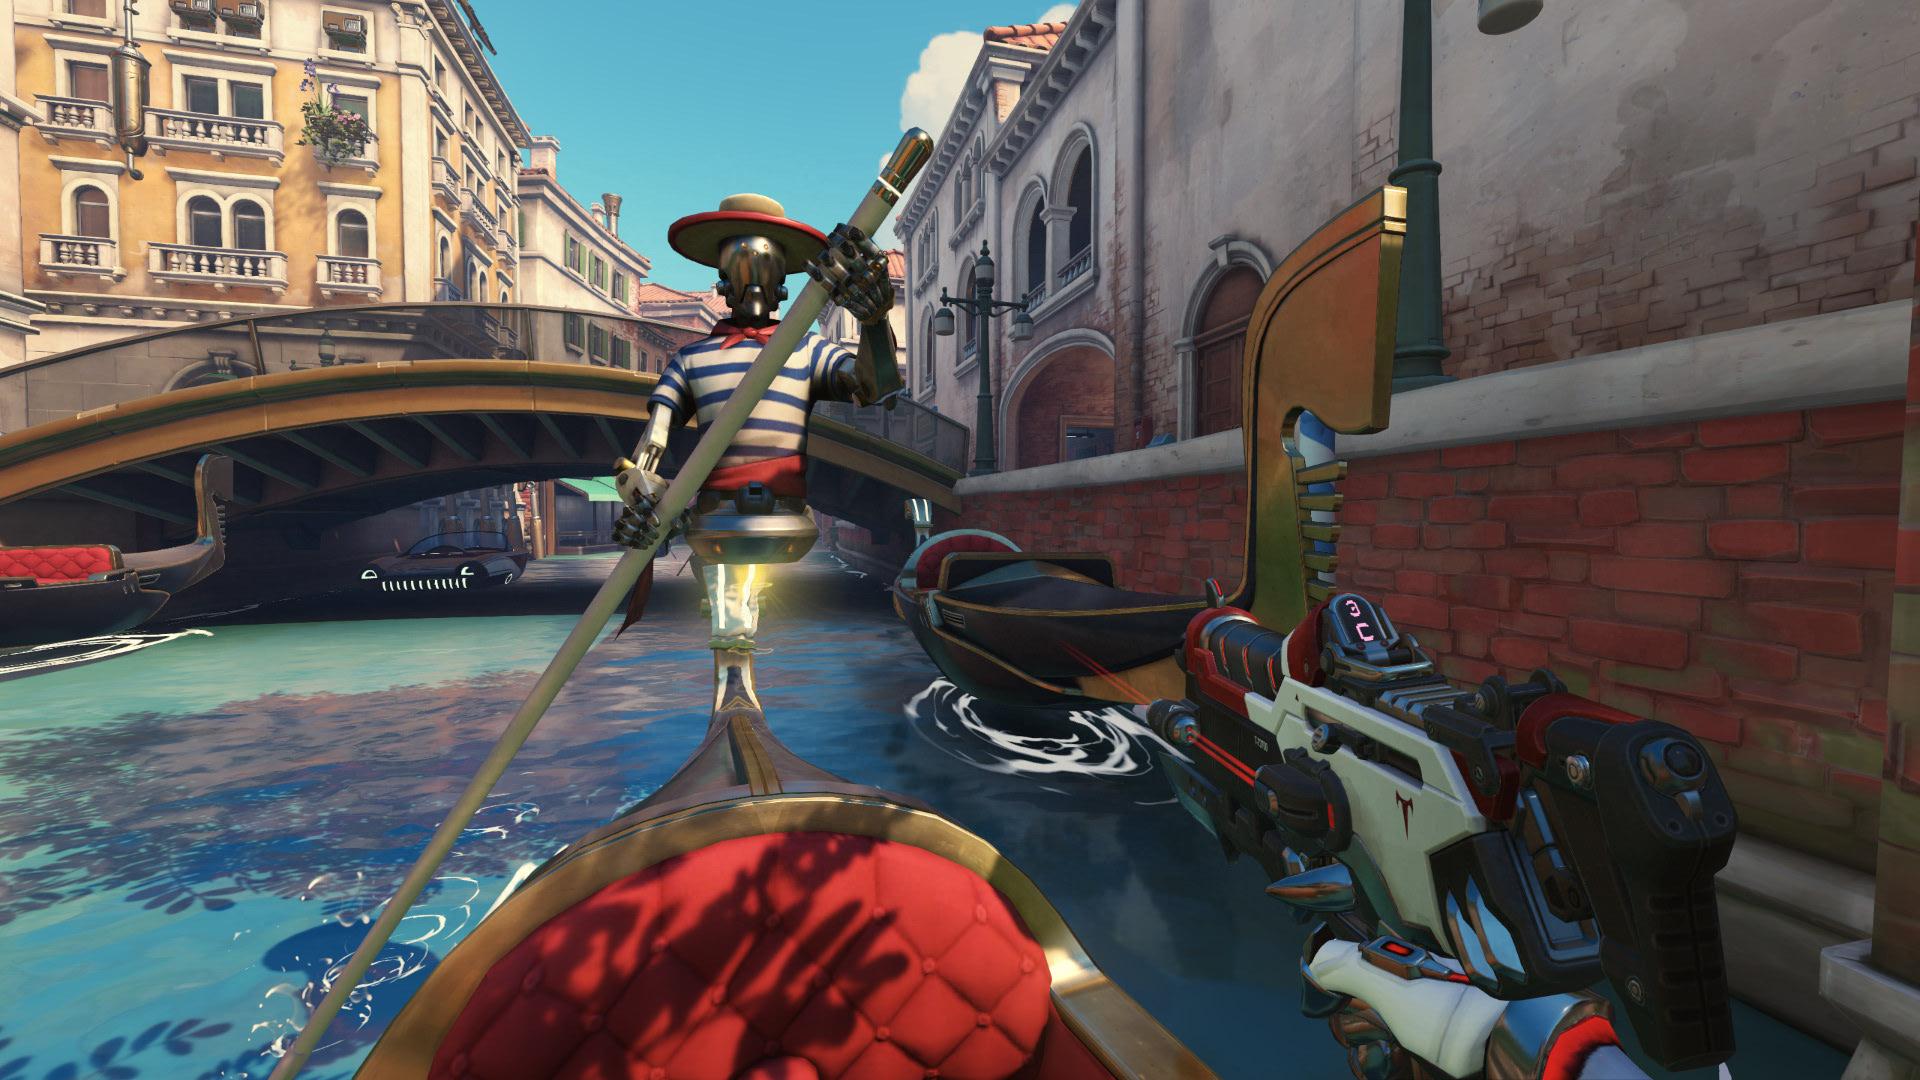 بازیکنان Overwatch میتوانند با کشتن رباتهای gondolier امتیاز ویژه به دست آورند